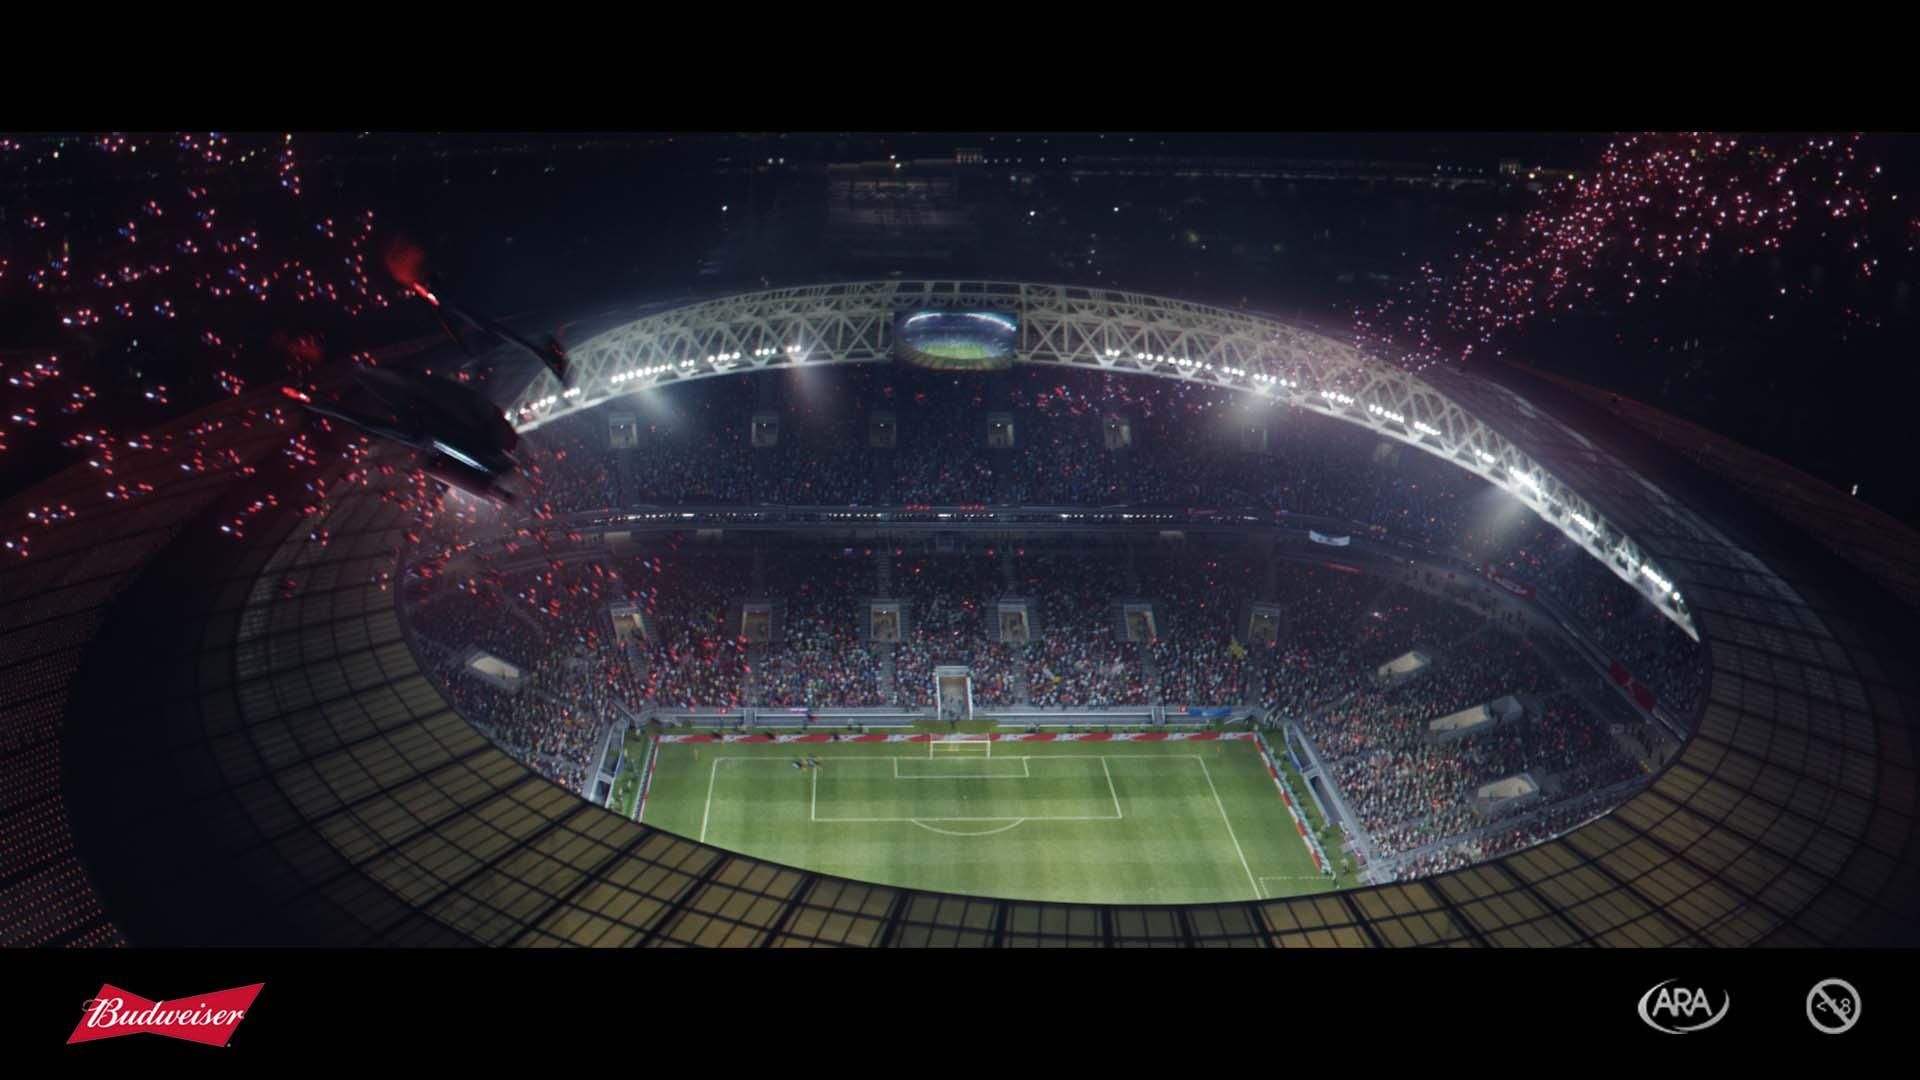 Must see Budweiser World Cup 2018 - Budweiser-Brandessence5  Snapshot_42360 .jpg